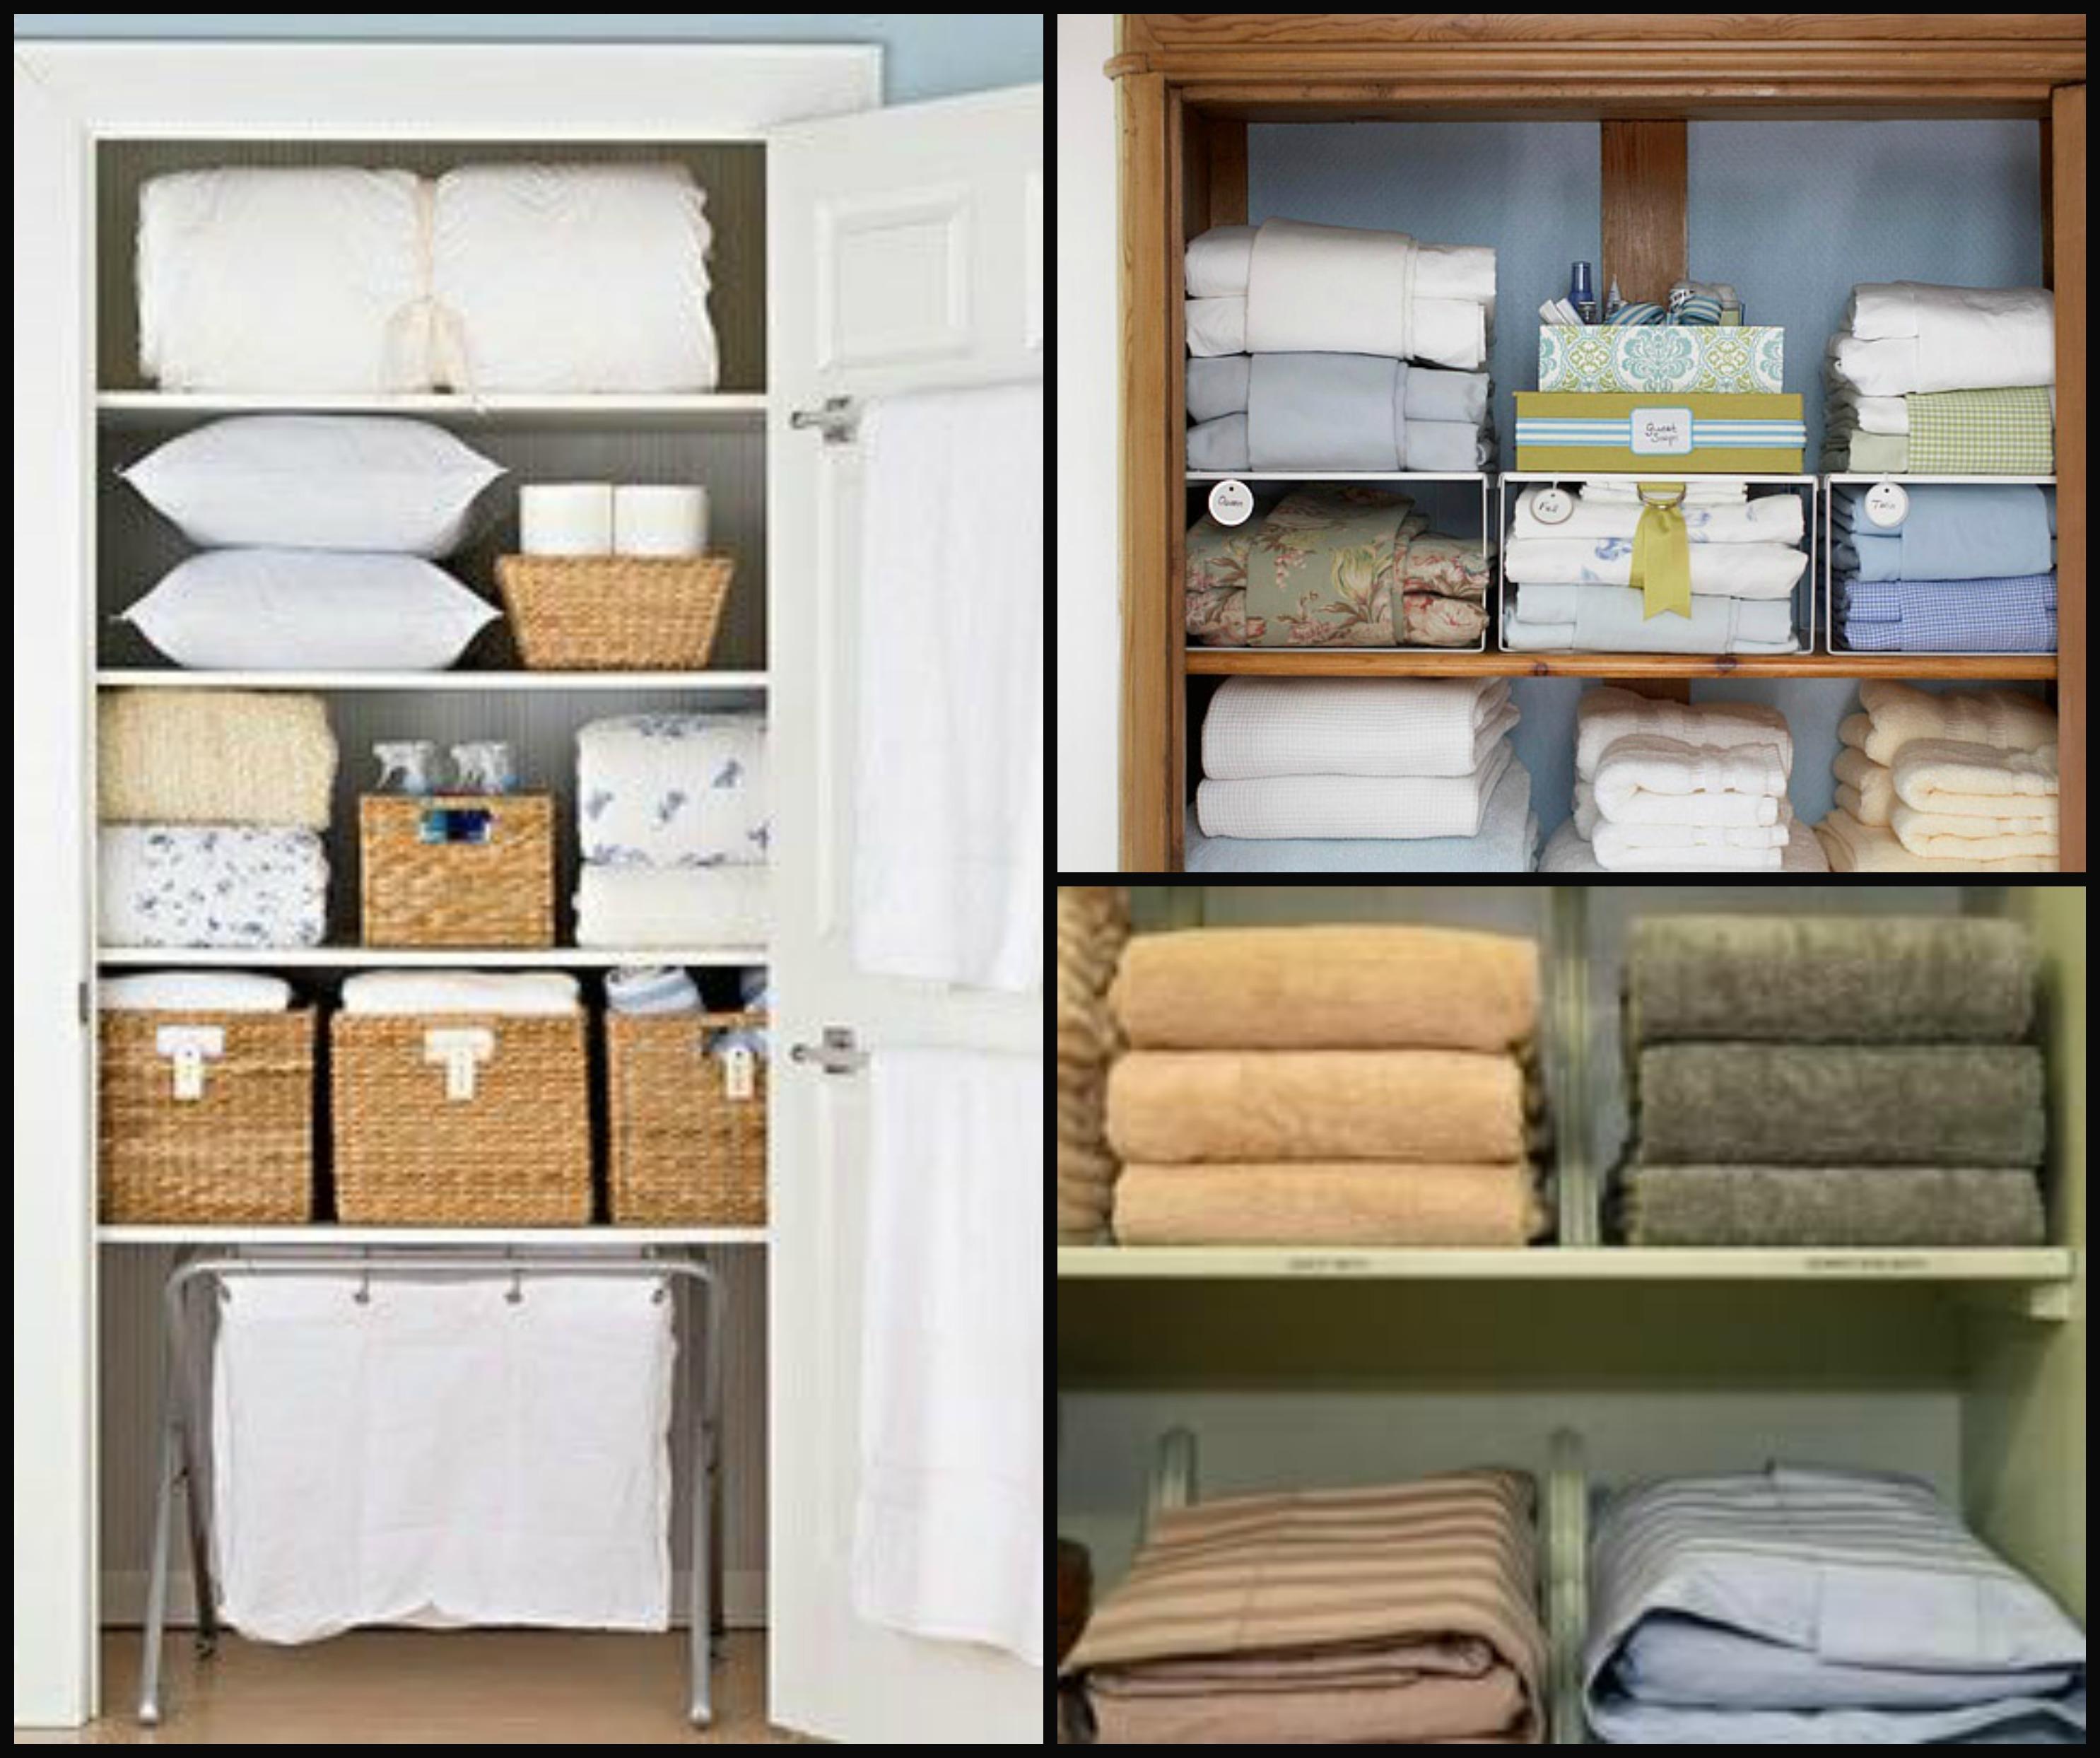 21 Day Organization Challenge Day 15 Linen Closet